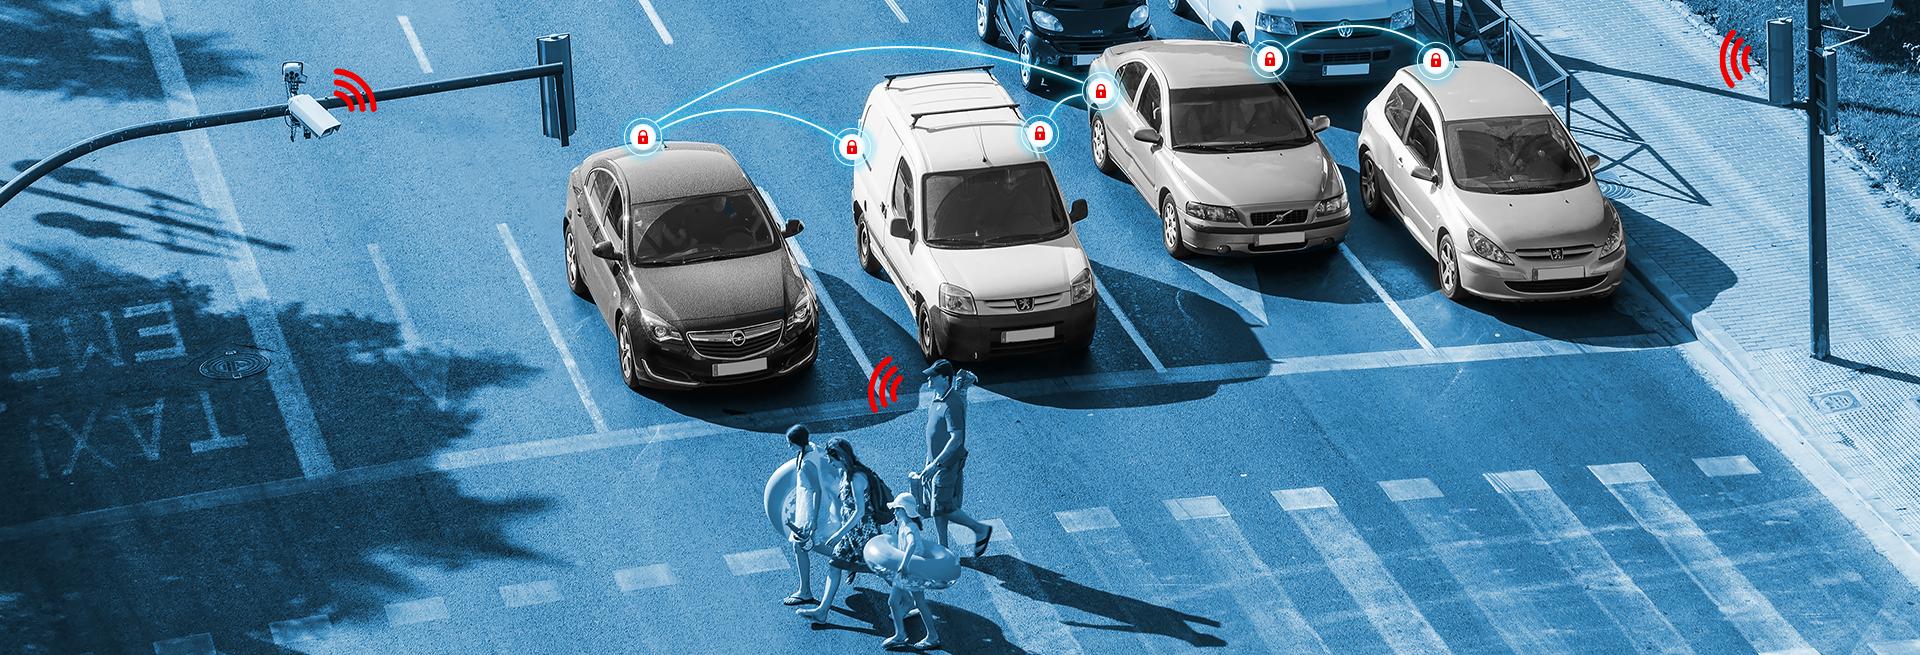 Um trânsito mais conectado, organizado e seguro. A tecnologia V2X promete trazer todas essas vantagens. Confira em nosso blog.